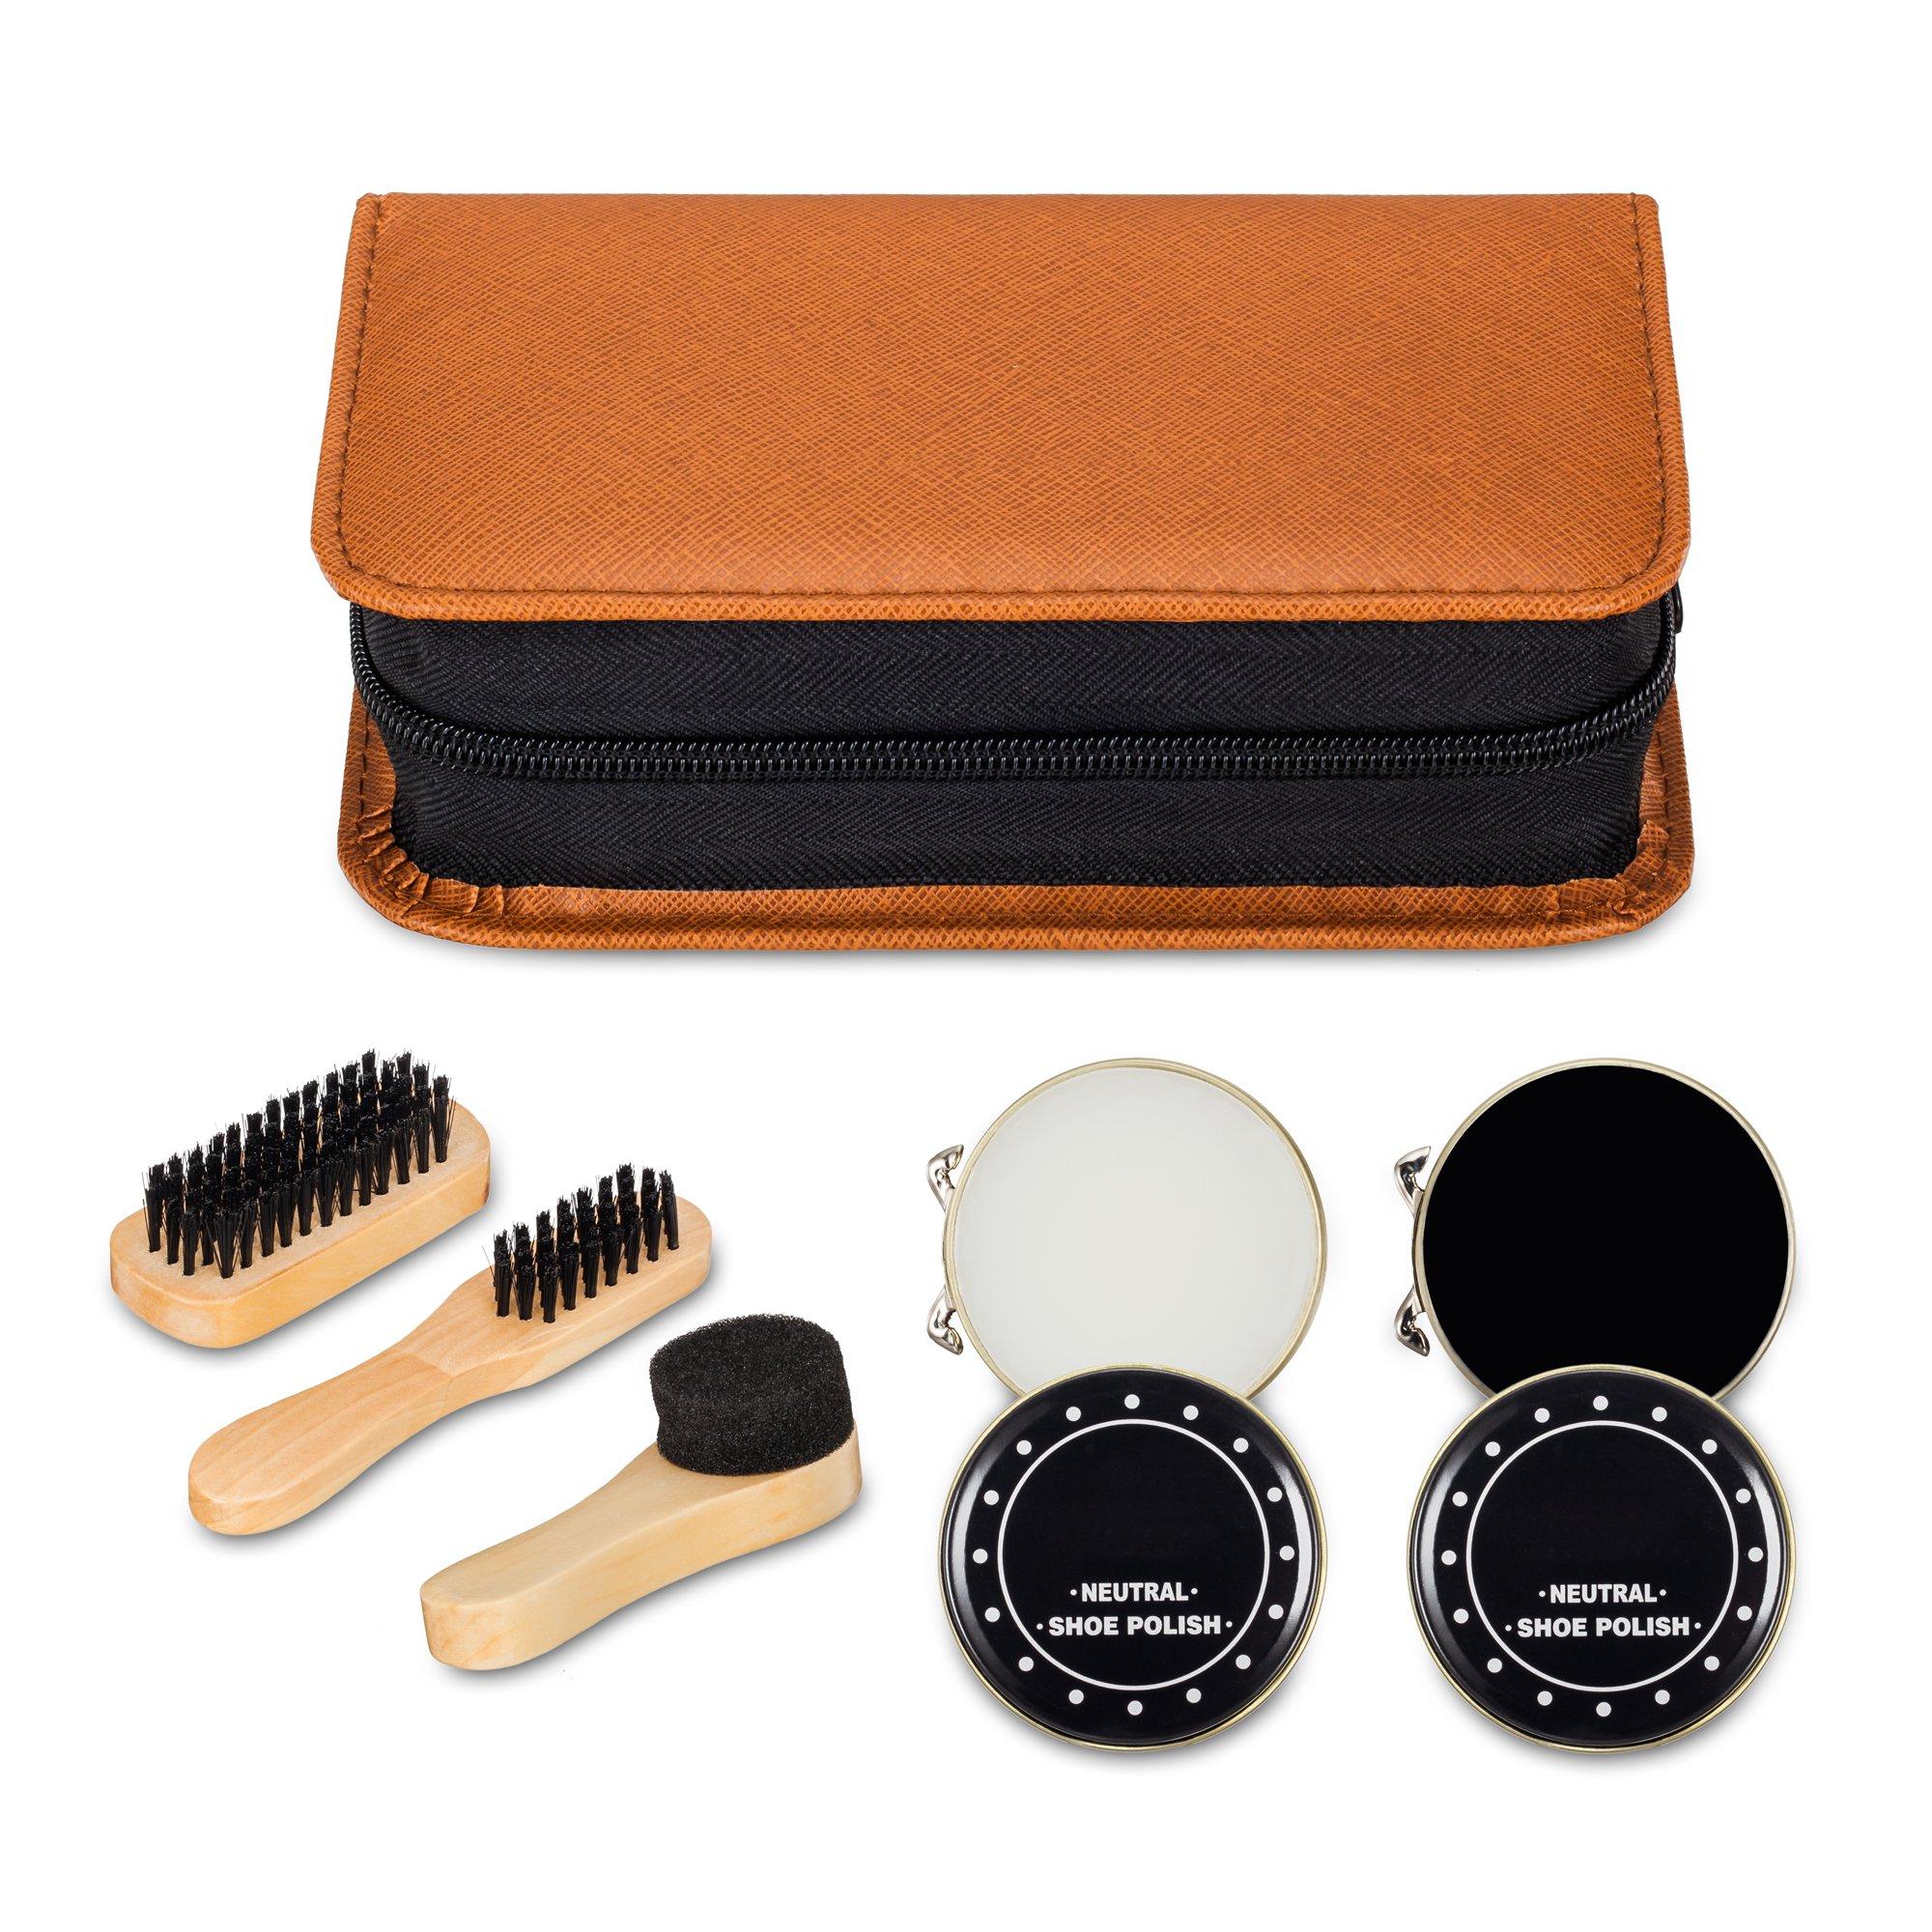 Shoe Shine Kit with PU Leather Sleek Elegant Case, 7-Piece Travel Shoe Shine Brush kit by make it funwan (Image #4)